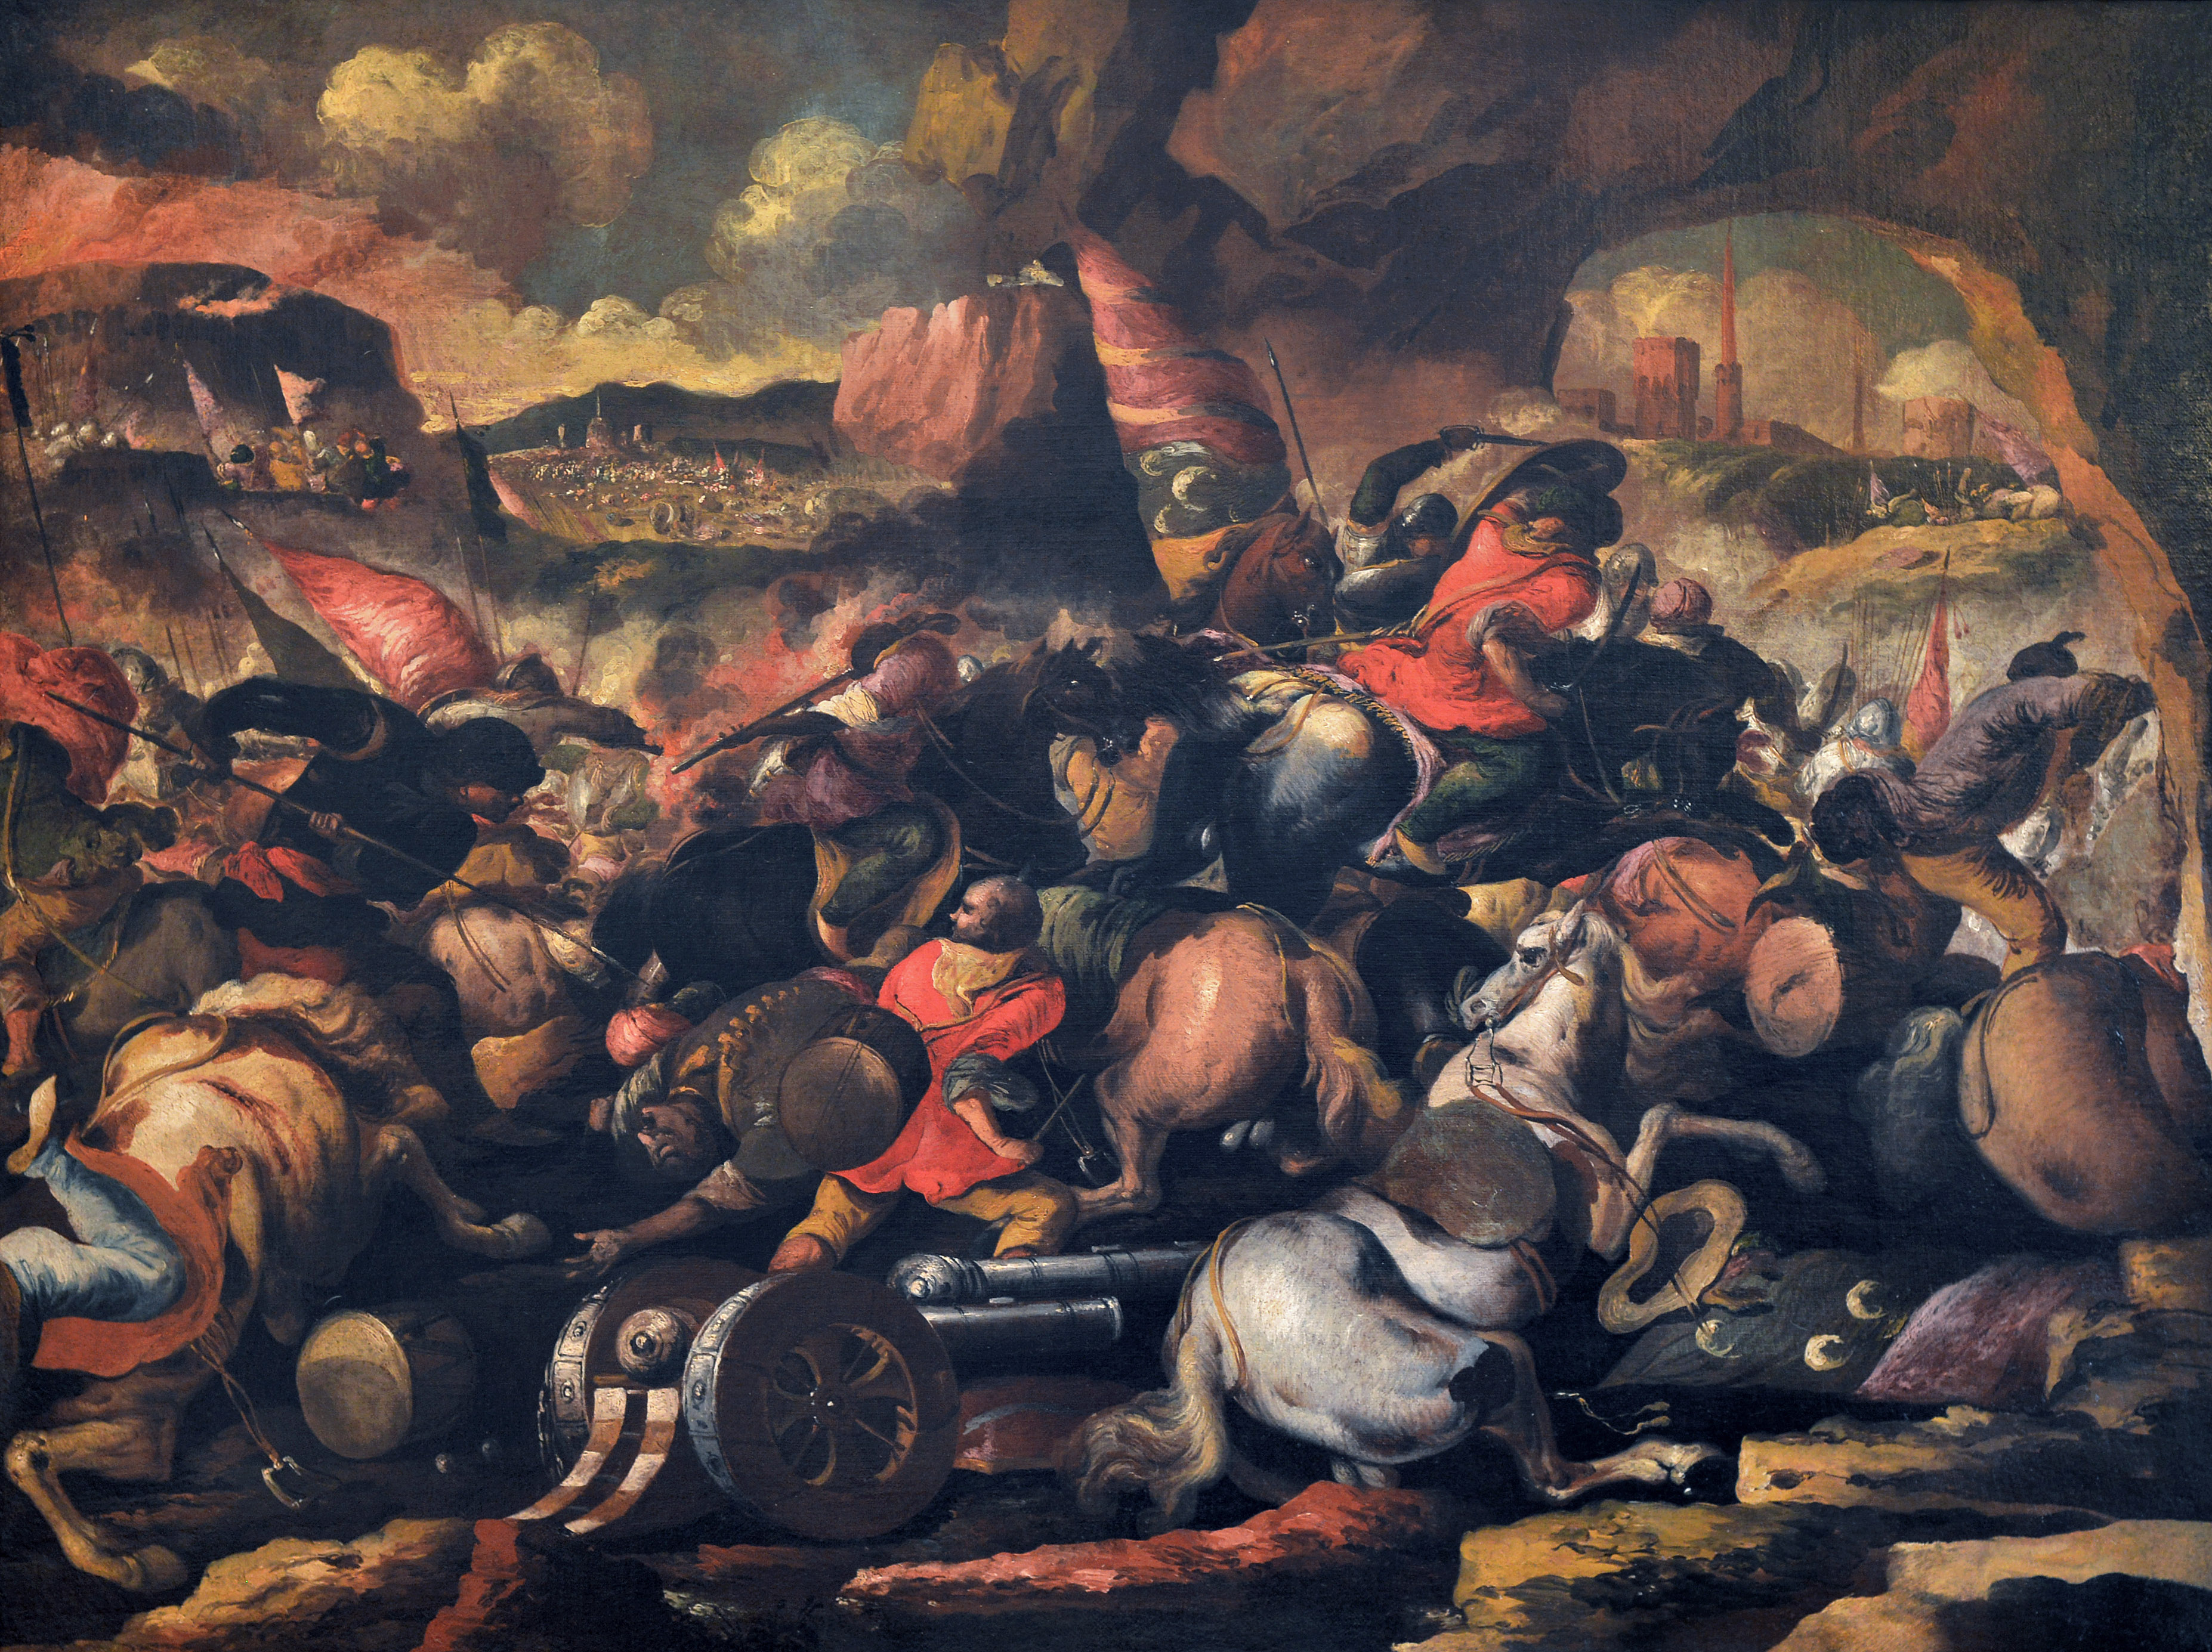 Battaglia tra cristiani e turchi